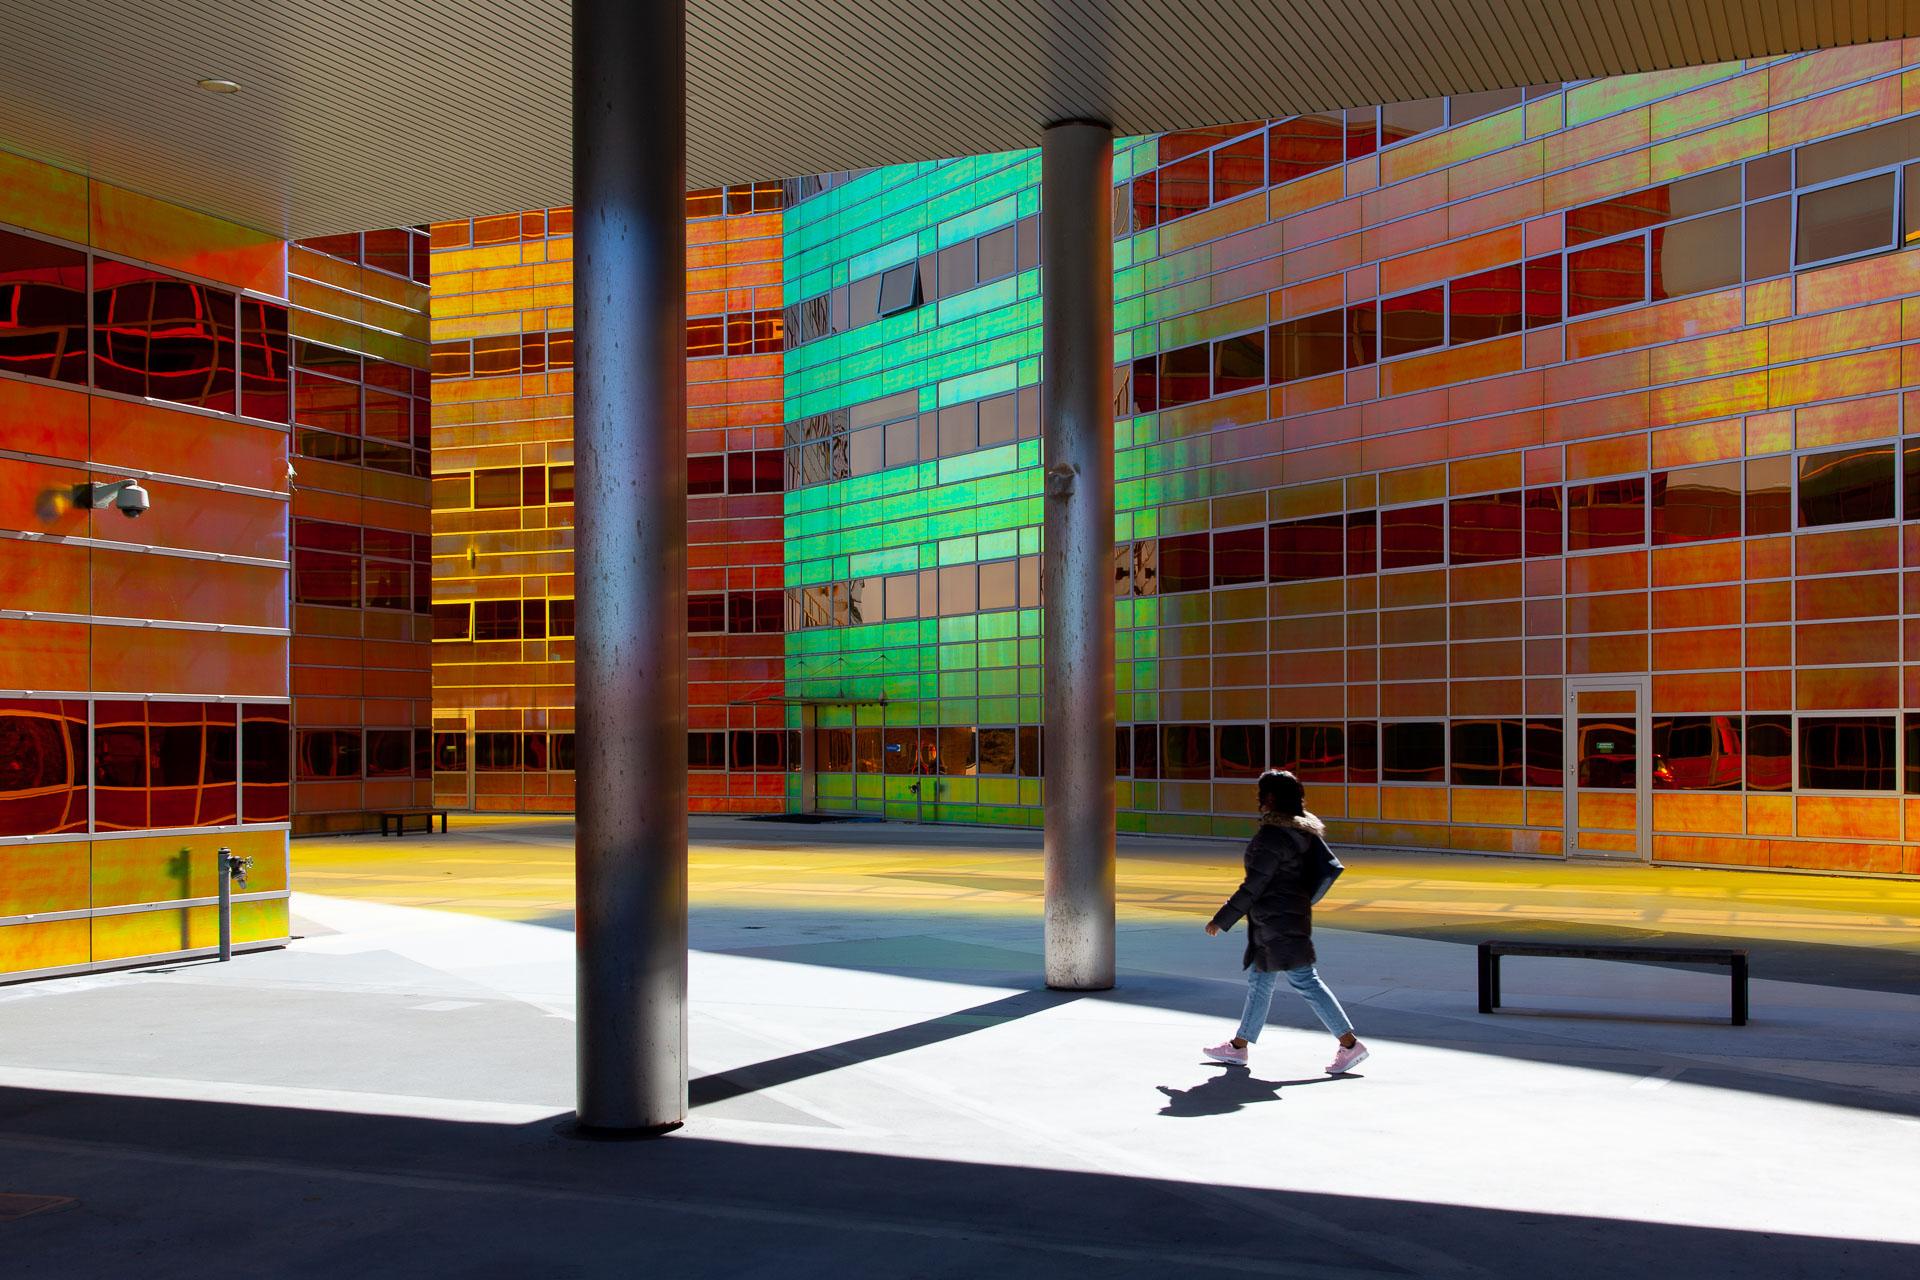 architectuur Almere, UWV, kleurrijk, straatfotografie, gebouw, fotoreportage, stedelijk landschap